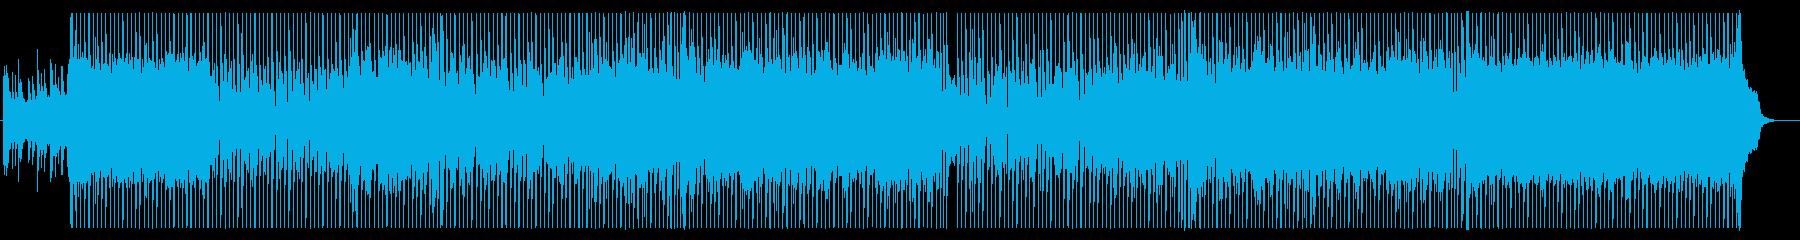 海岸沿いで聴きたくなる爽やかアコギポップの再生済みの波形